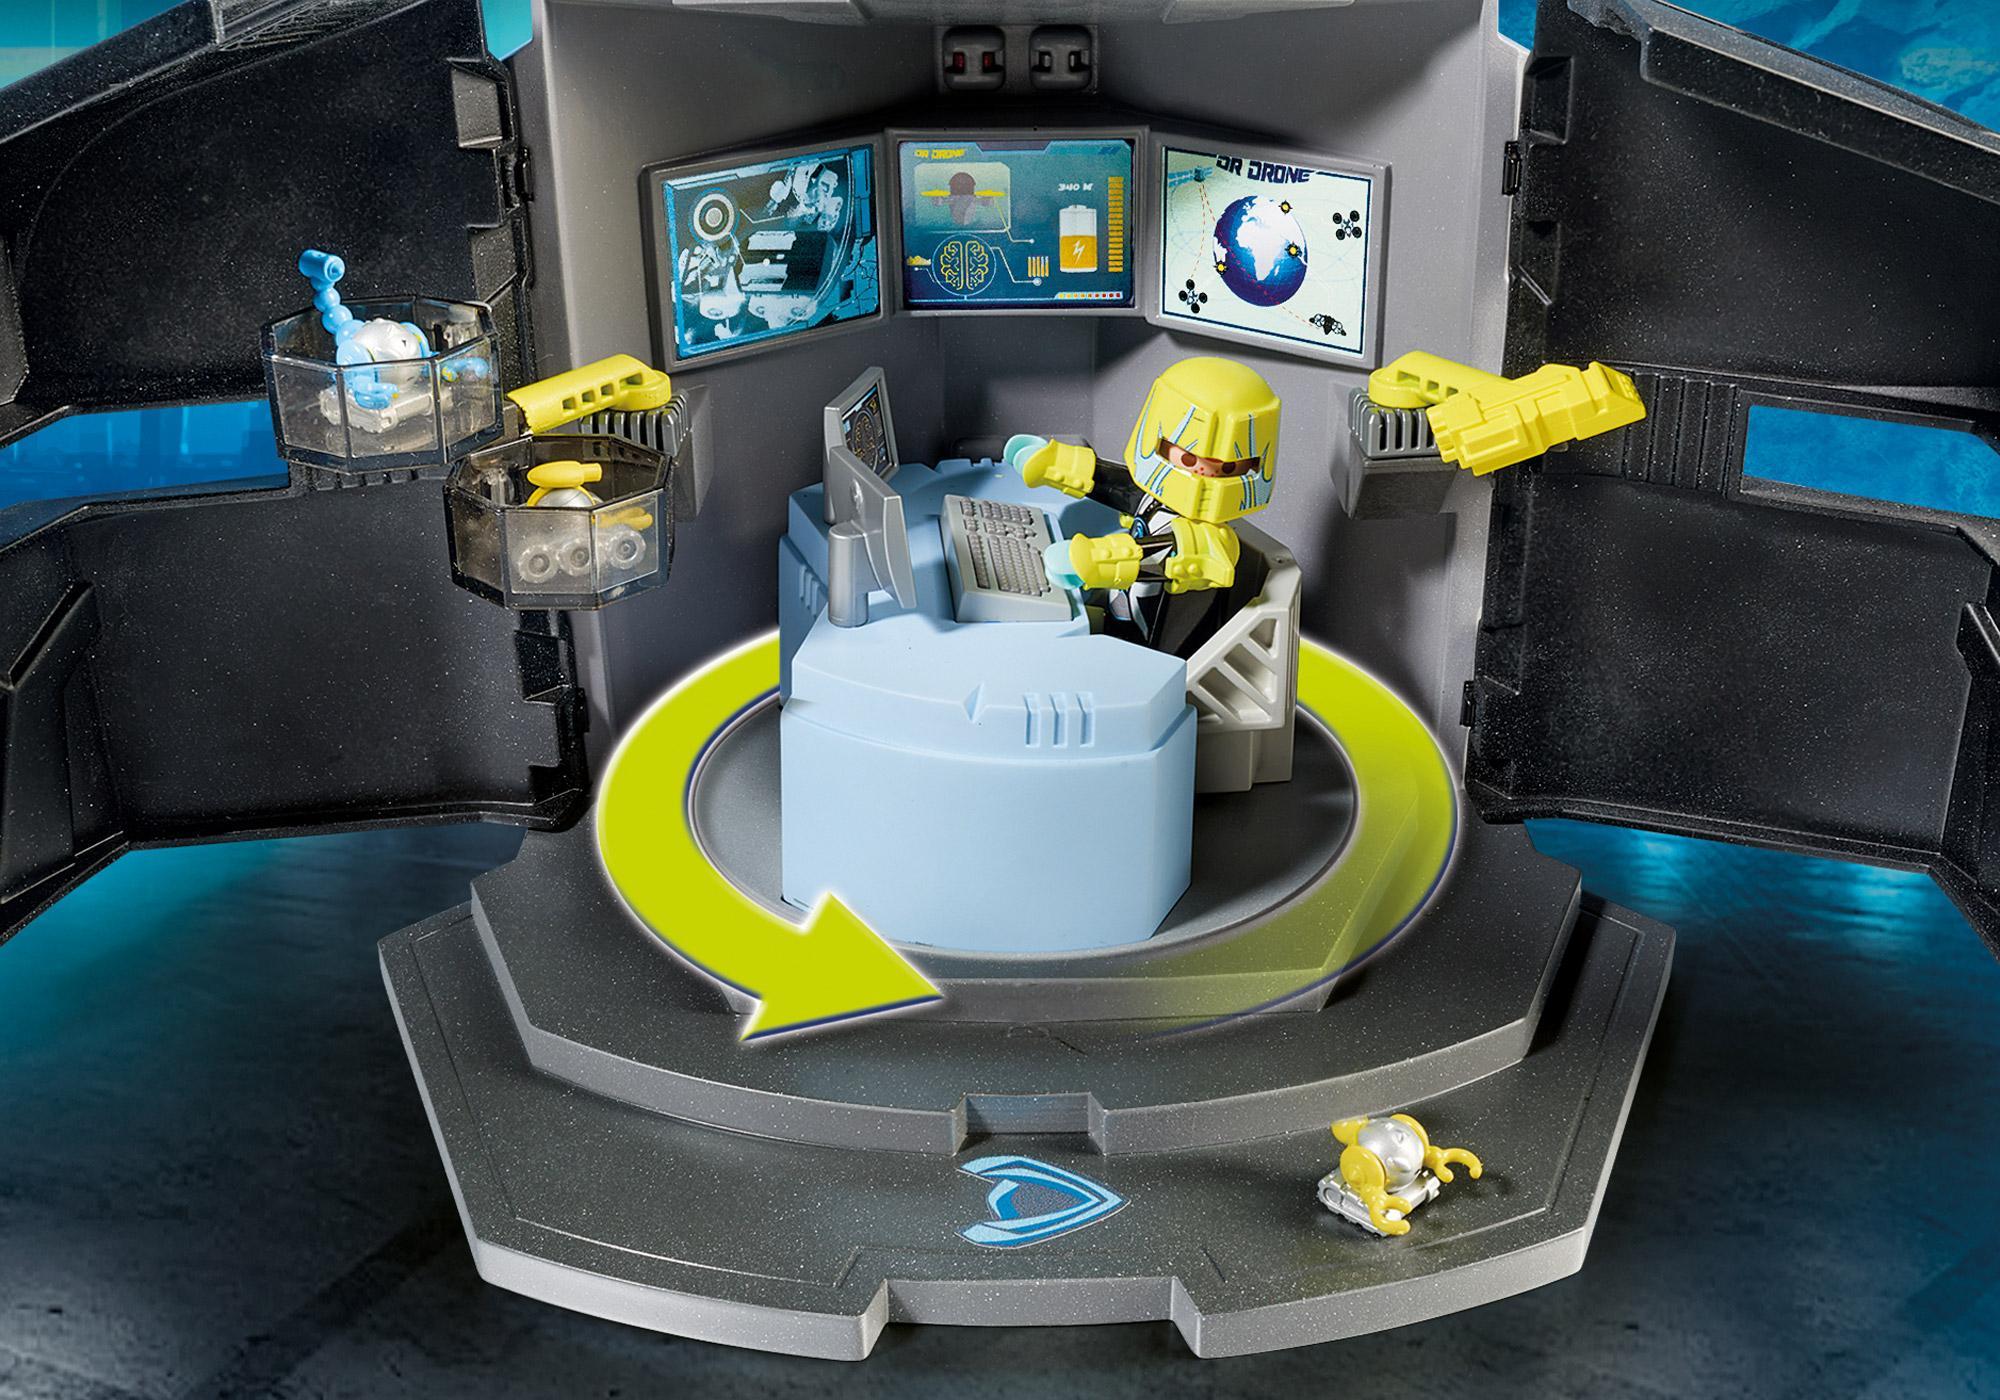 http://media.playmobil.com/i/playmobil/9250_product_extra1/Centro de Mando del Dr.Drone